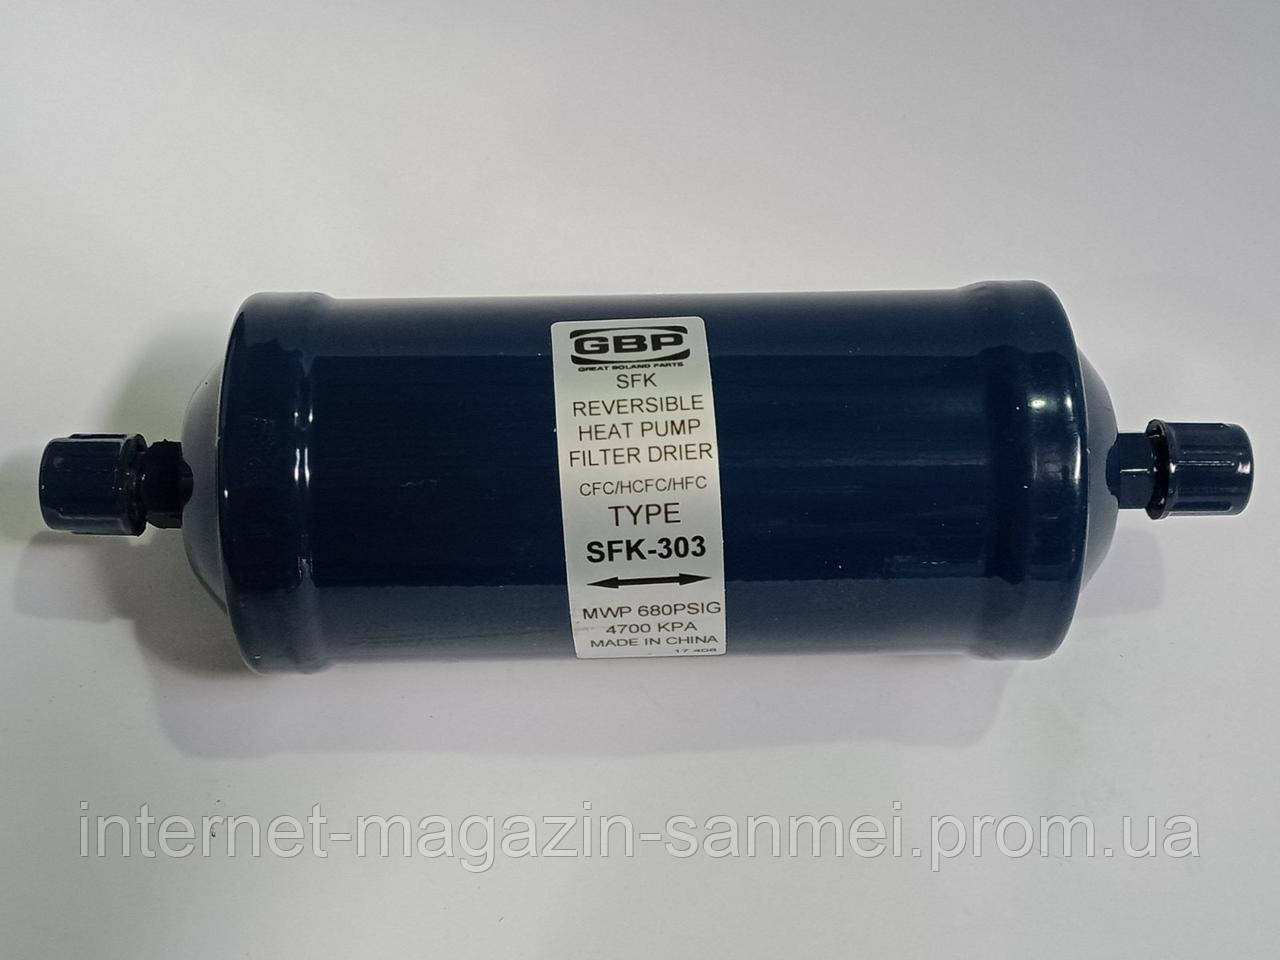 Фильтр-осушитель реверсивный SFK 303